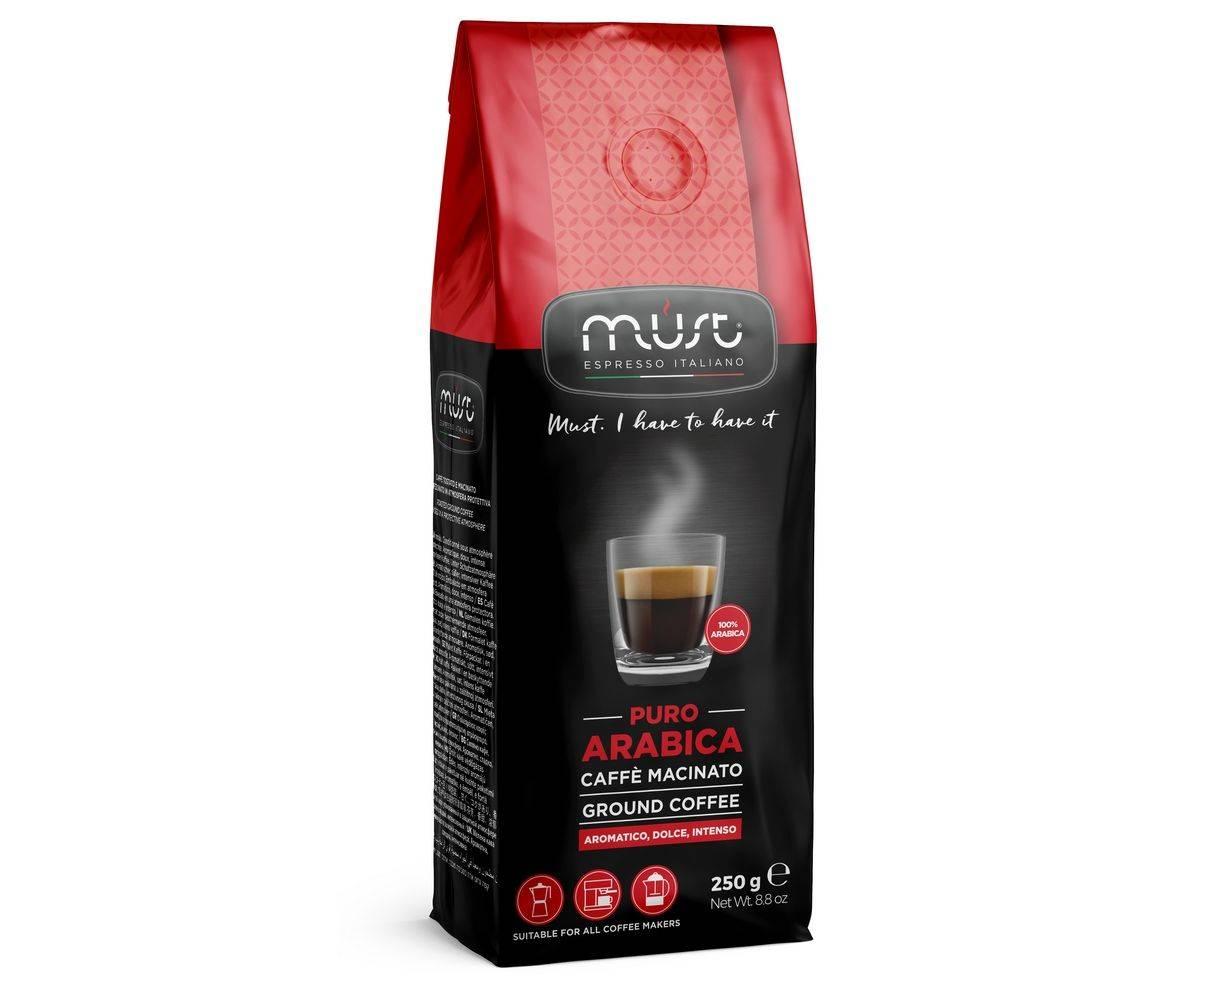 Самый вкусный кофе в мире - рейтинг лучших марок